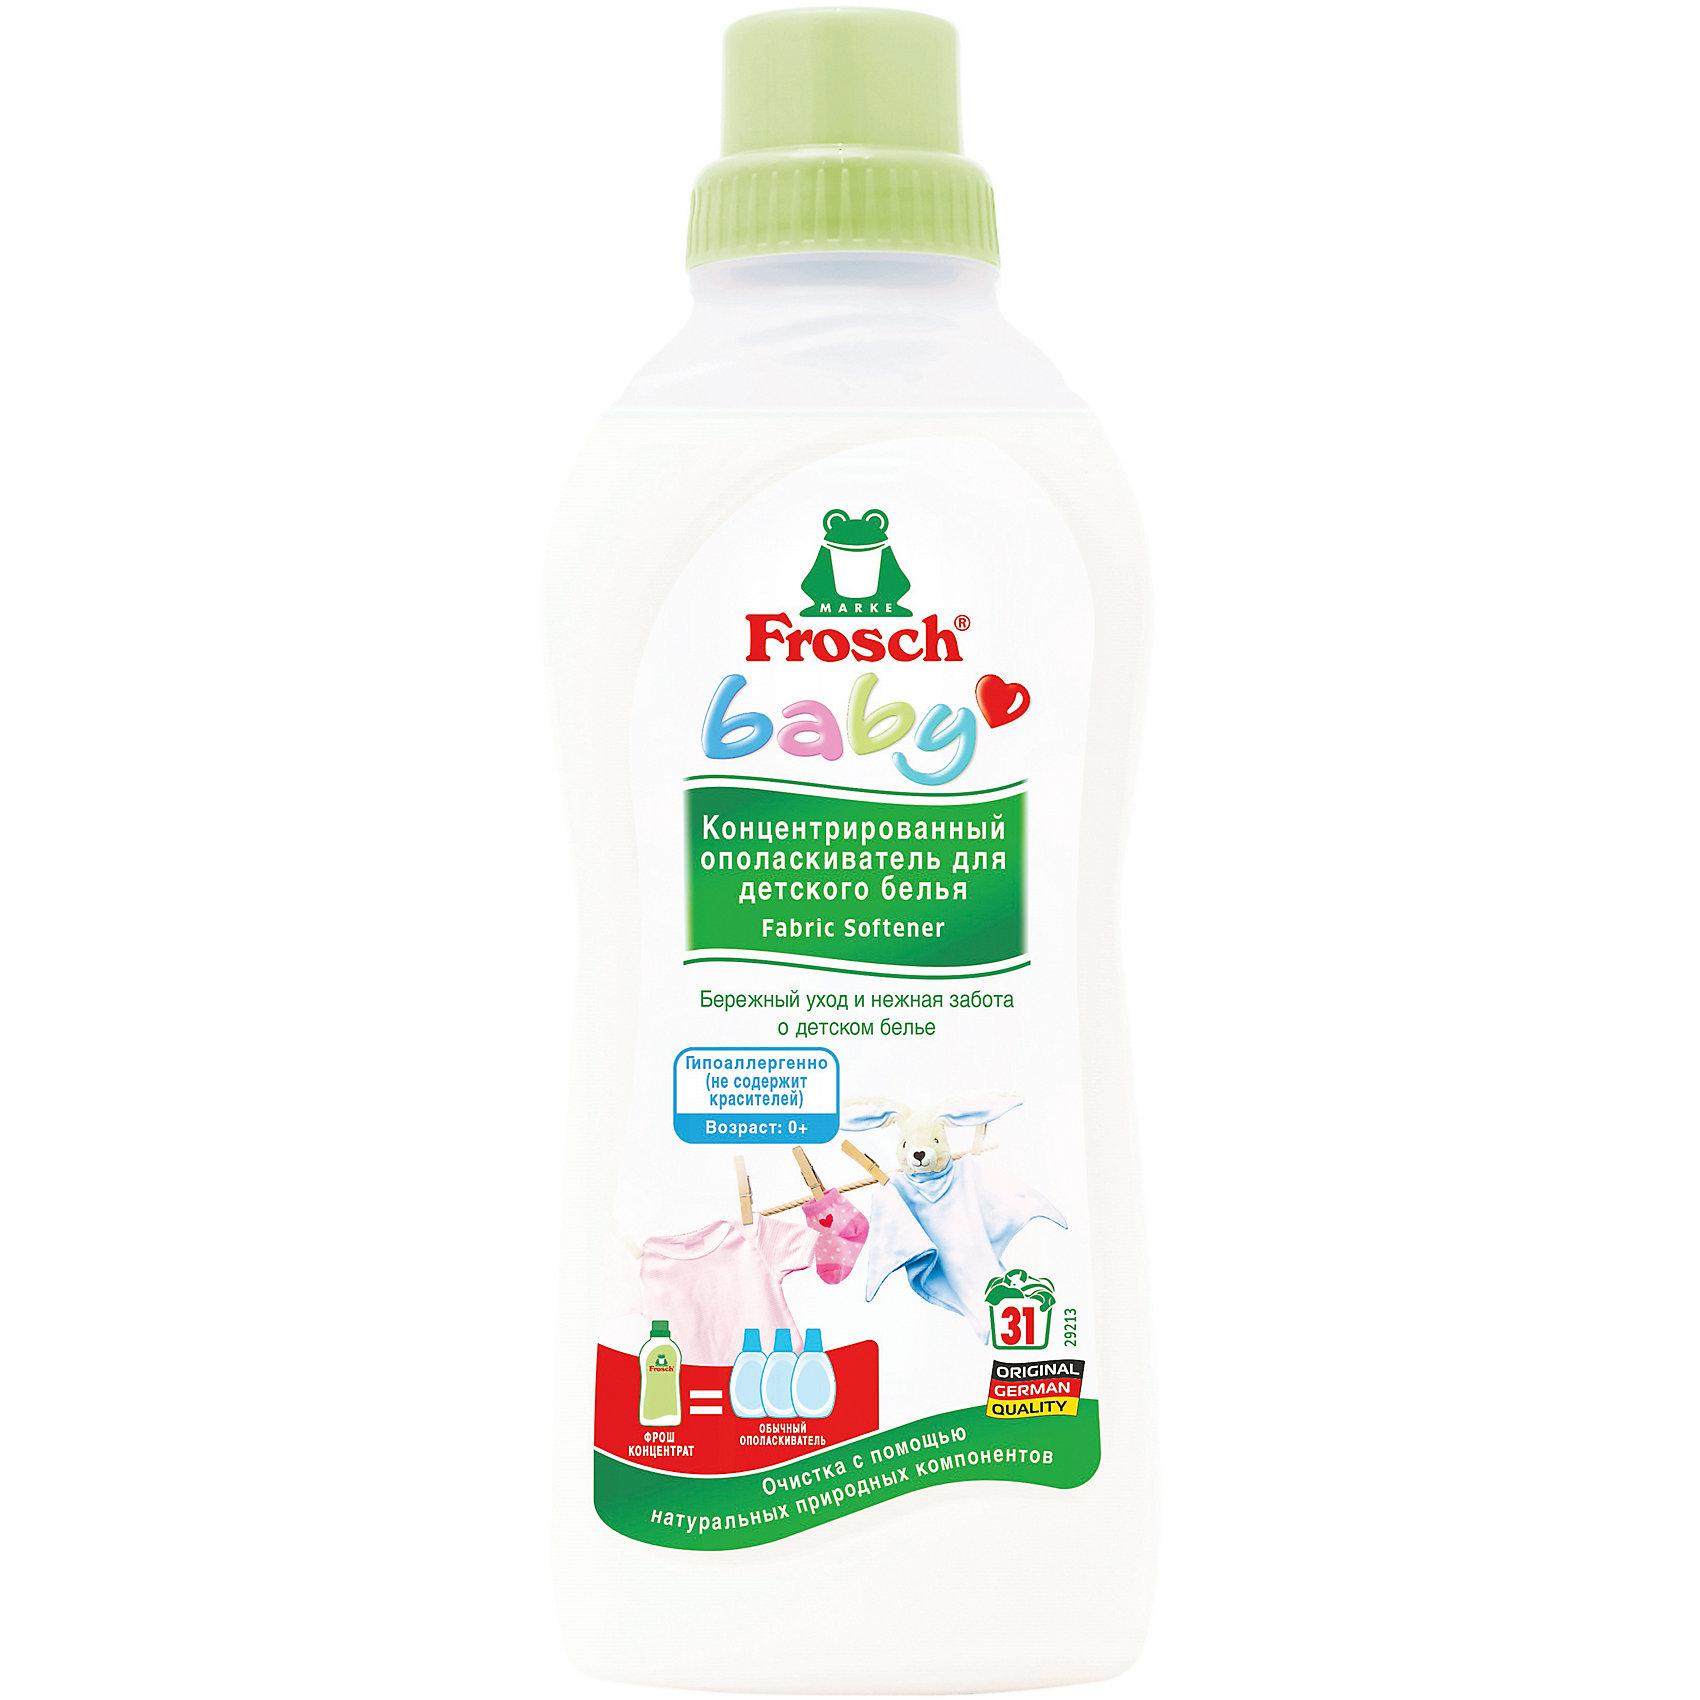 Концентрированный ополаскиватель для детского белья, 0,75 л, Frosch (-)